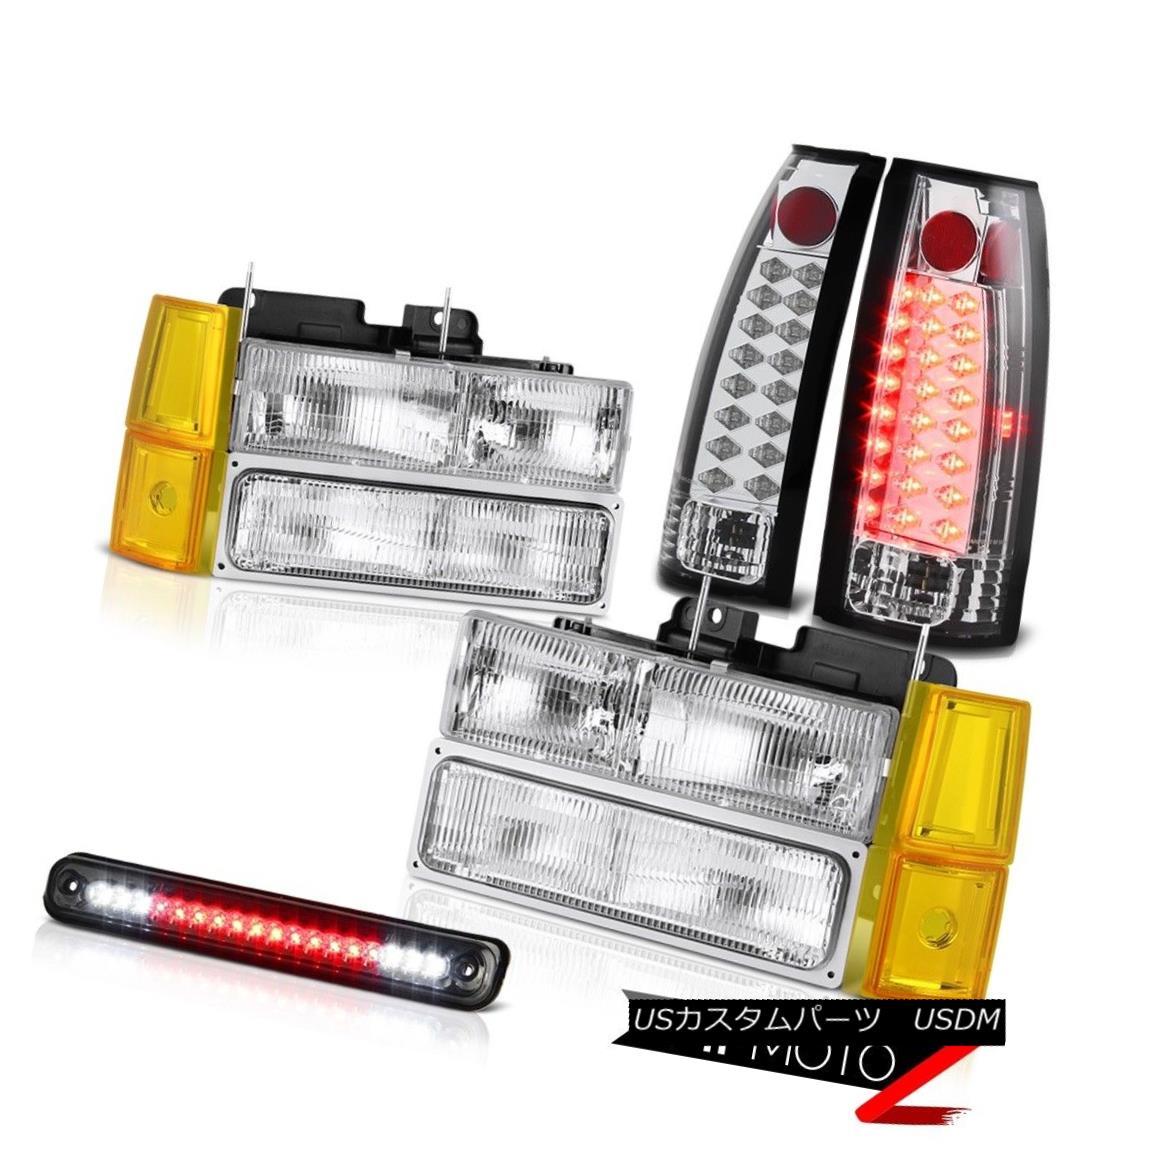 テールライト 1994-1998 GMC K3500 Headlamps Bumper Smokey Roof Cab Lamp Tail Lamps Assembly 1994-1998 GMC K3500ヘッドランプバンパースモーキールーフキャブランプテールランプアセンブリ